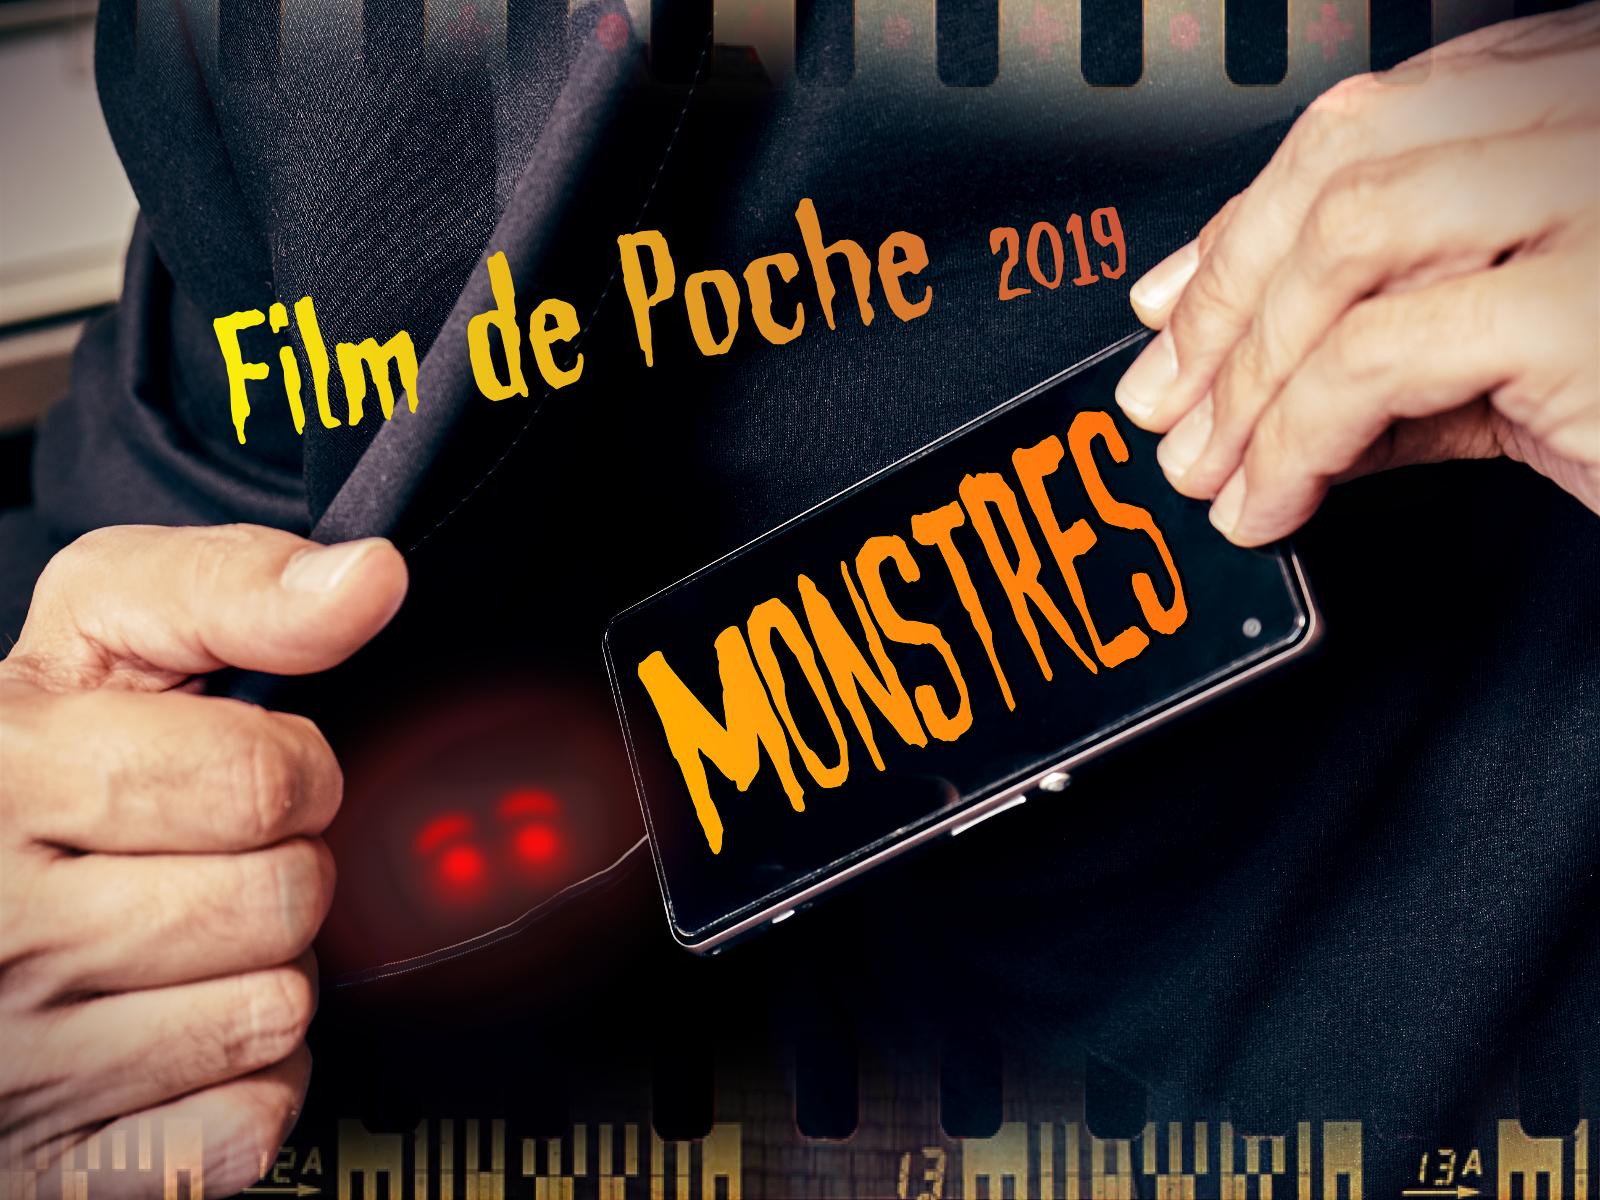 Film de poche 2019